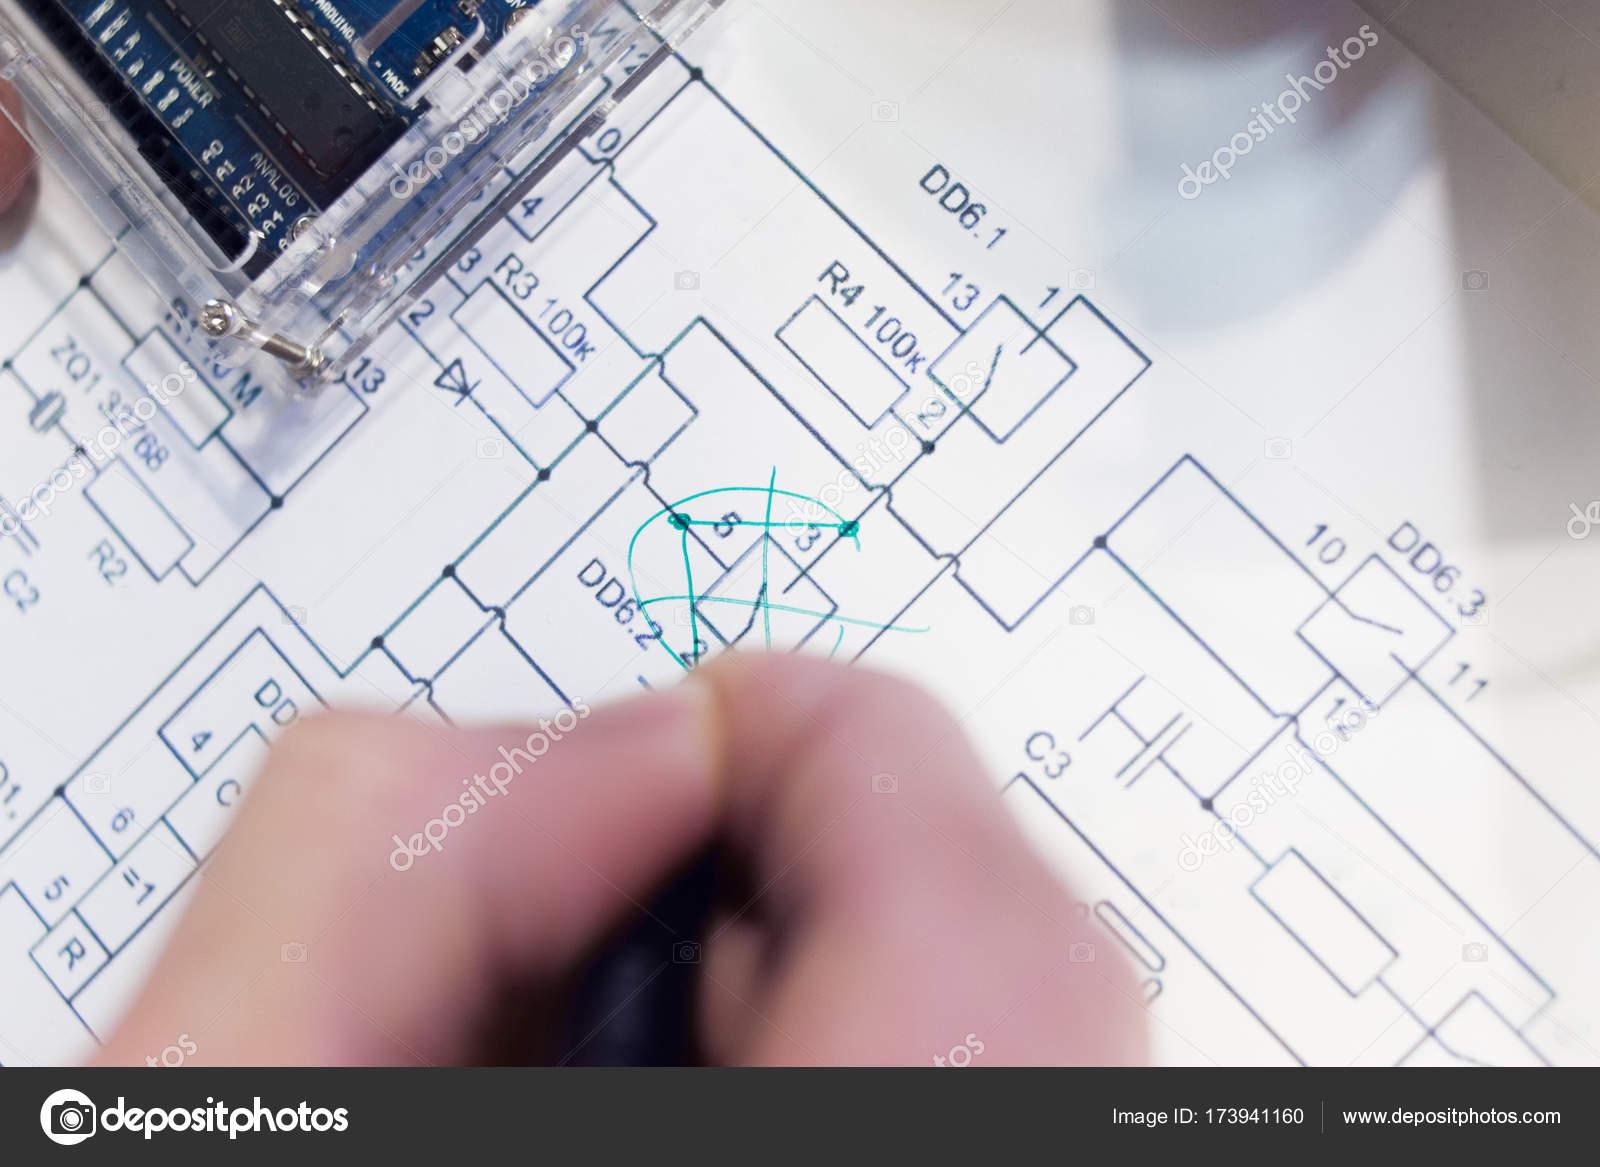 Bearbeitungen der Elektronik Elecrto Schema Zeichnung — Stockfoto ...